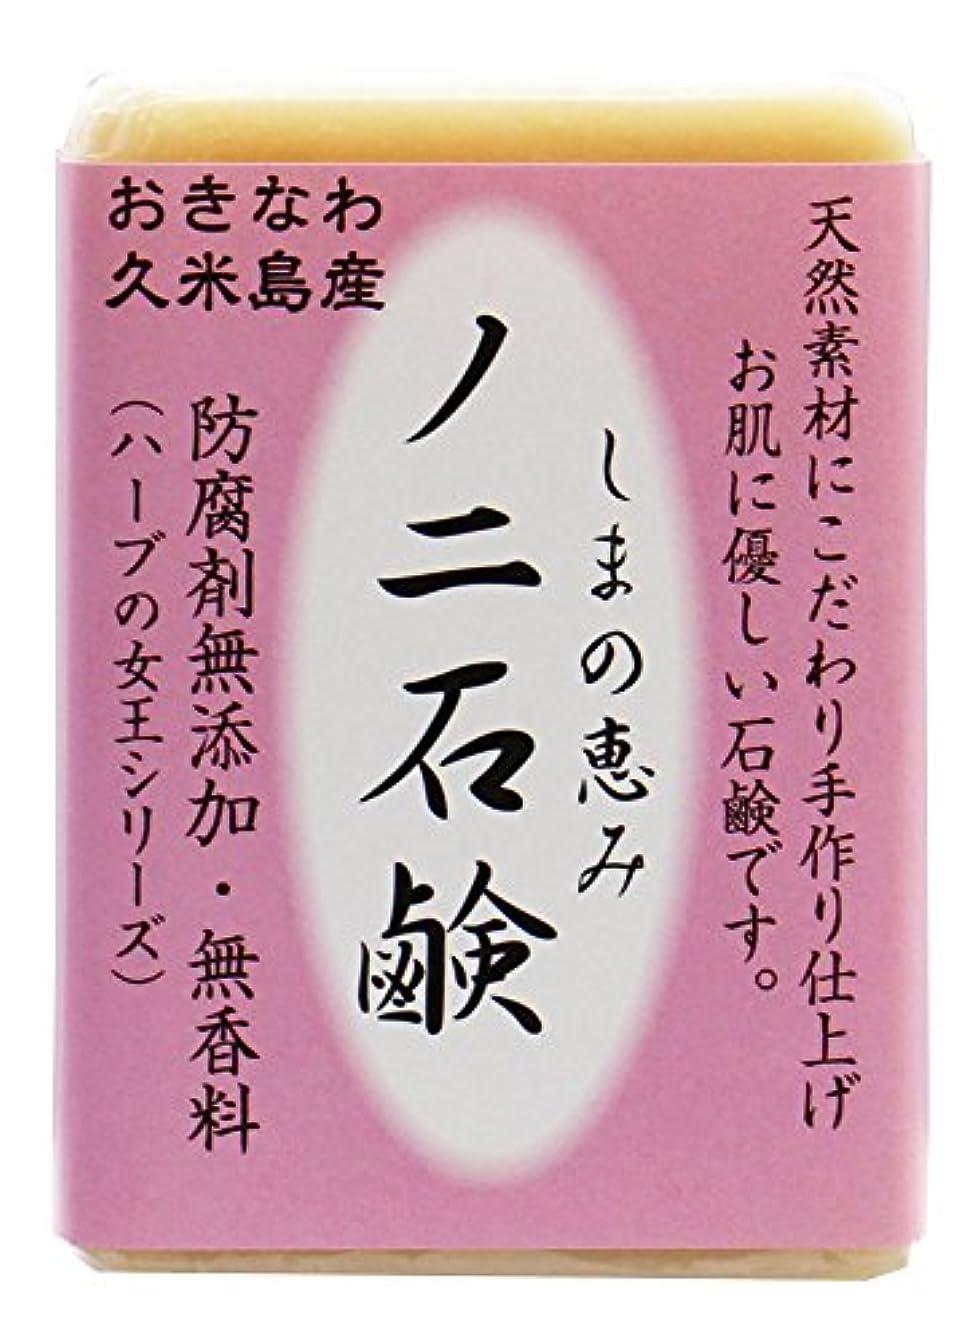 不忠宝石びっくり島の恵み ノニ石鹸 100g 沖縄県久米島産ノニ使用